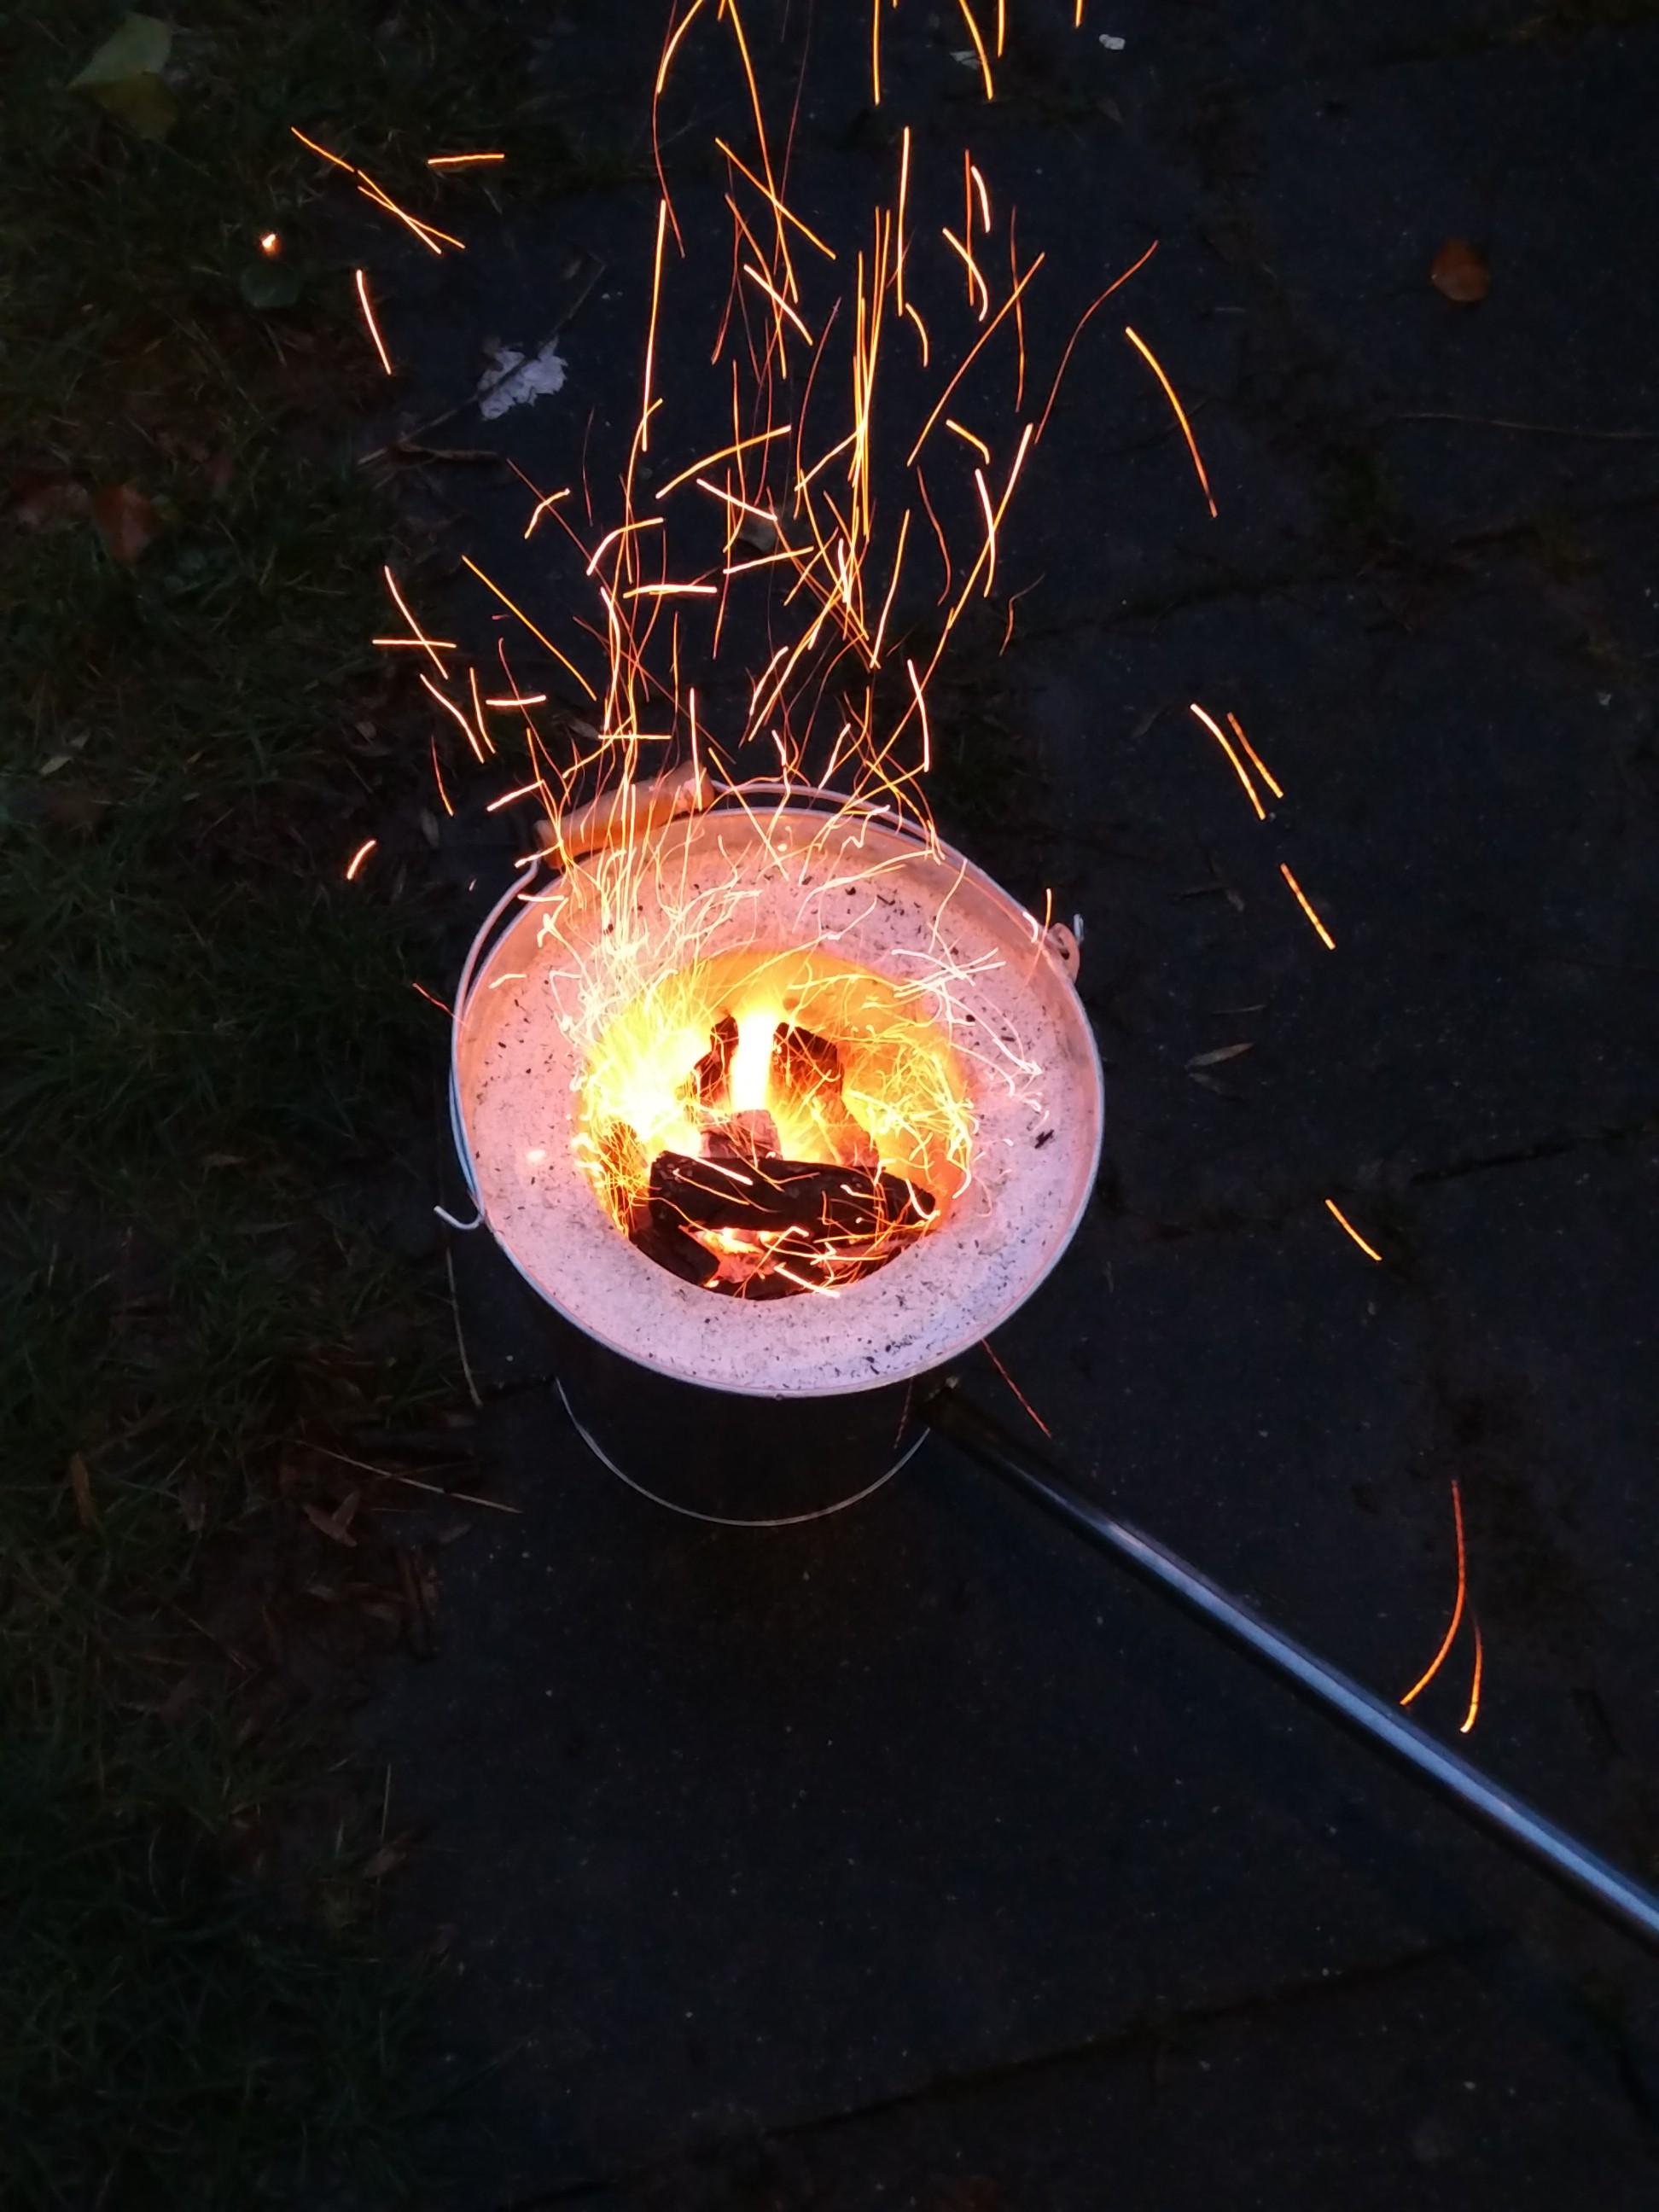 Jungpfadfinder: Brennkammer